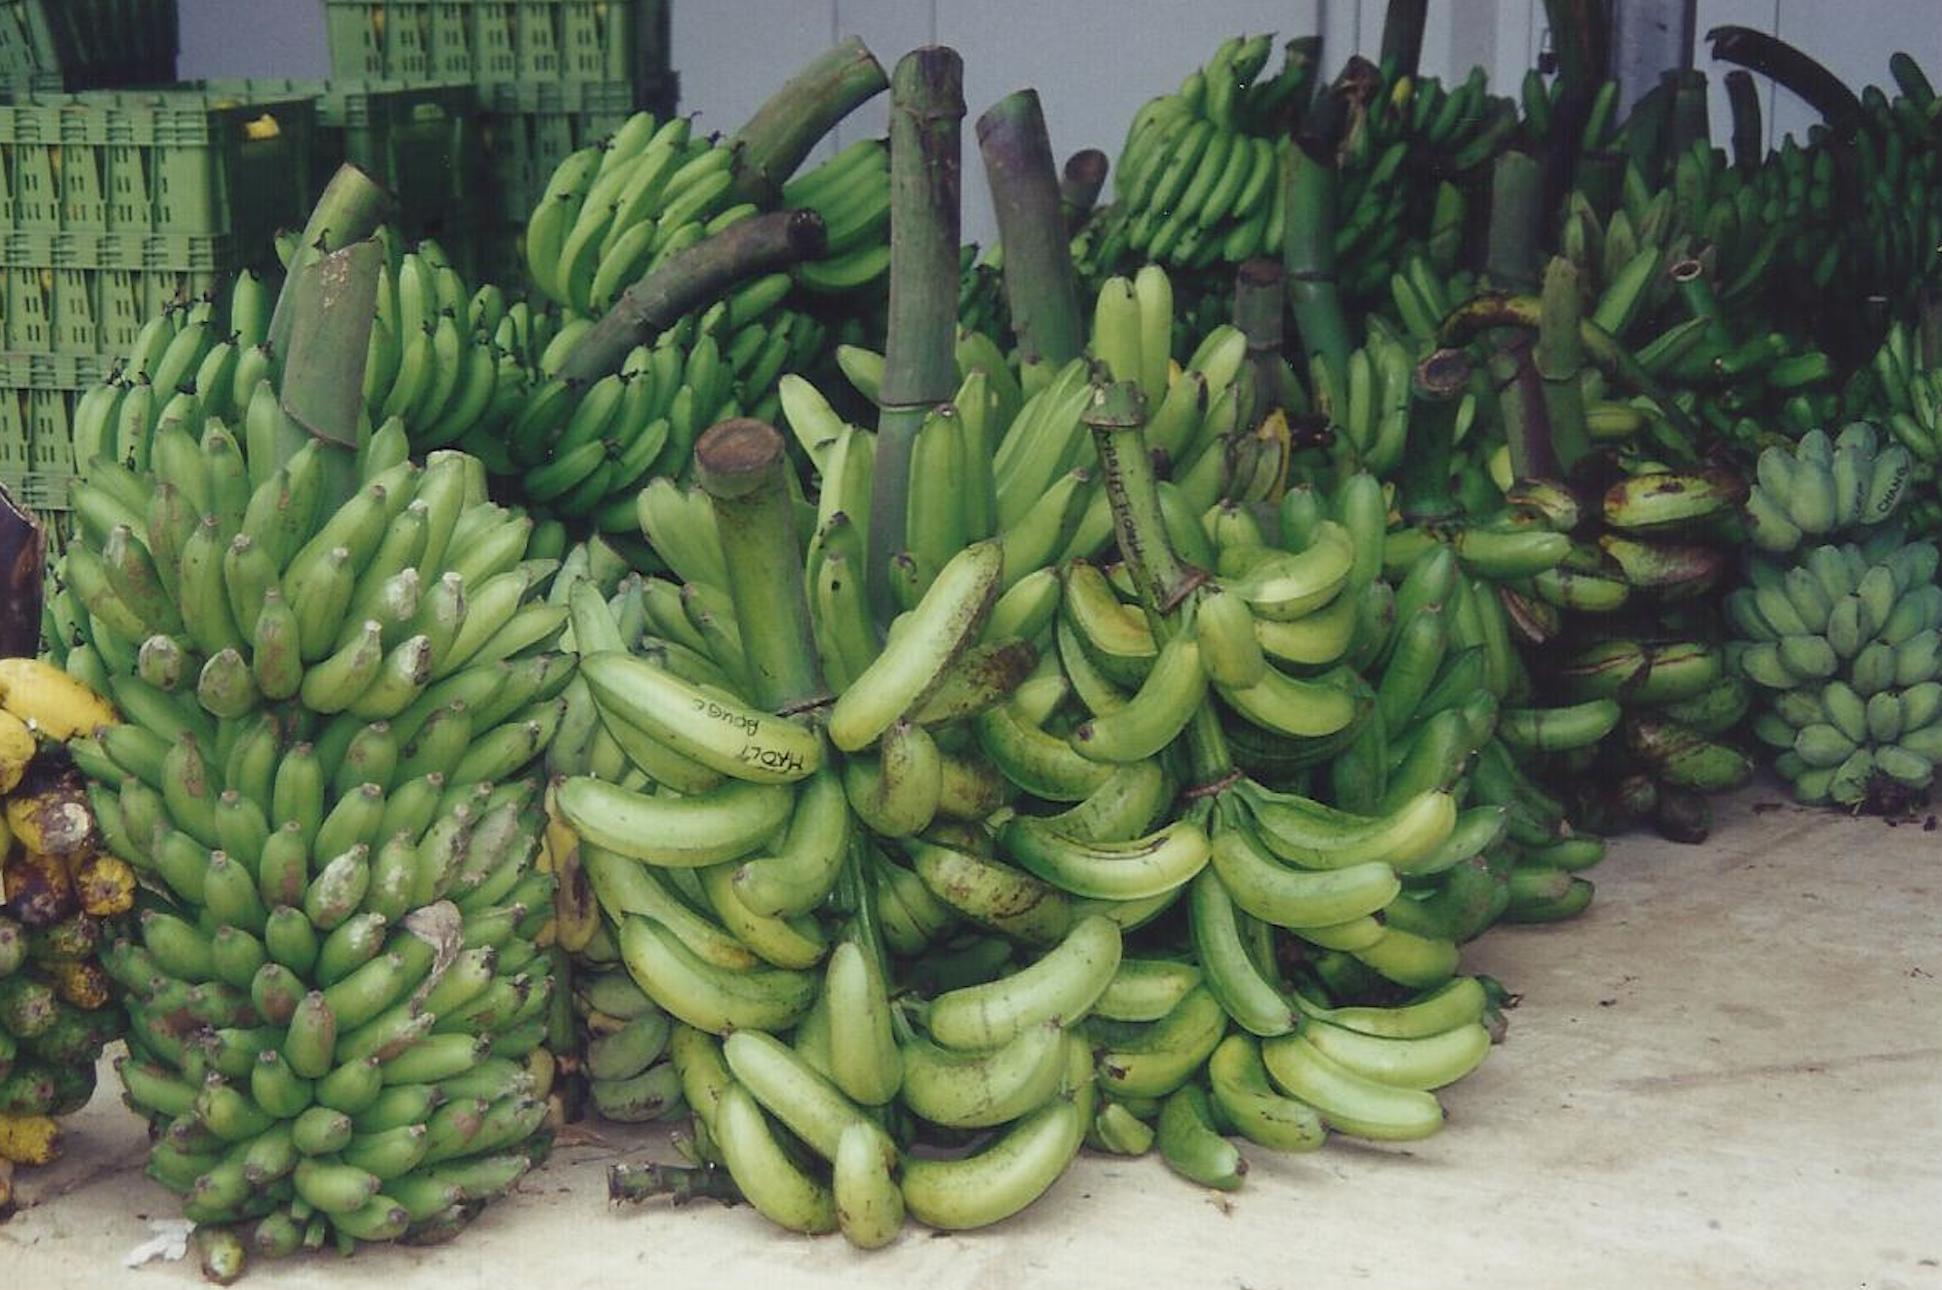 2- Les bananiers plantain du Pacifique sud présentent une grande variété de formes.